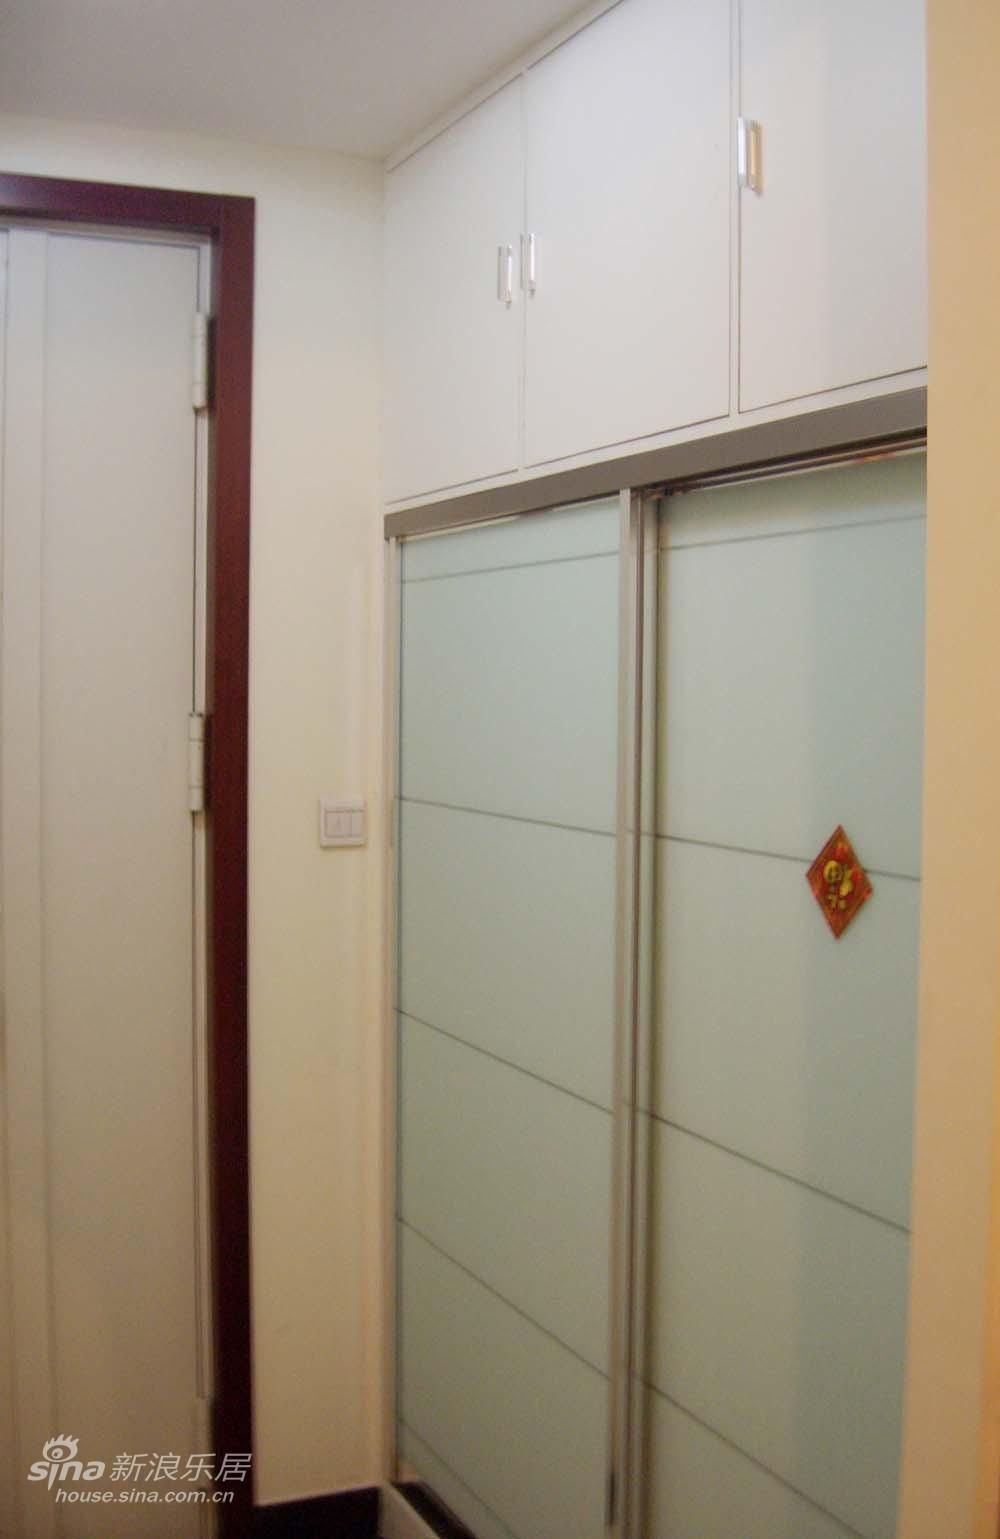 其他 别墅 其他图片来自用户2558757937在6招巧改新房格局87的分享